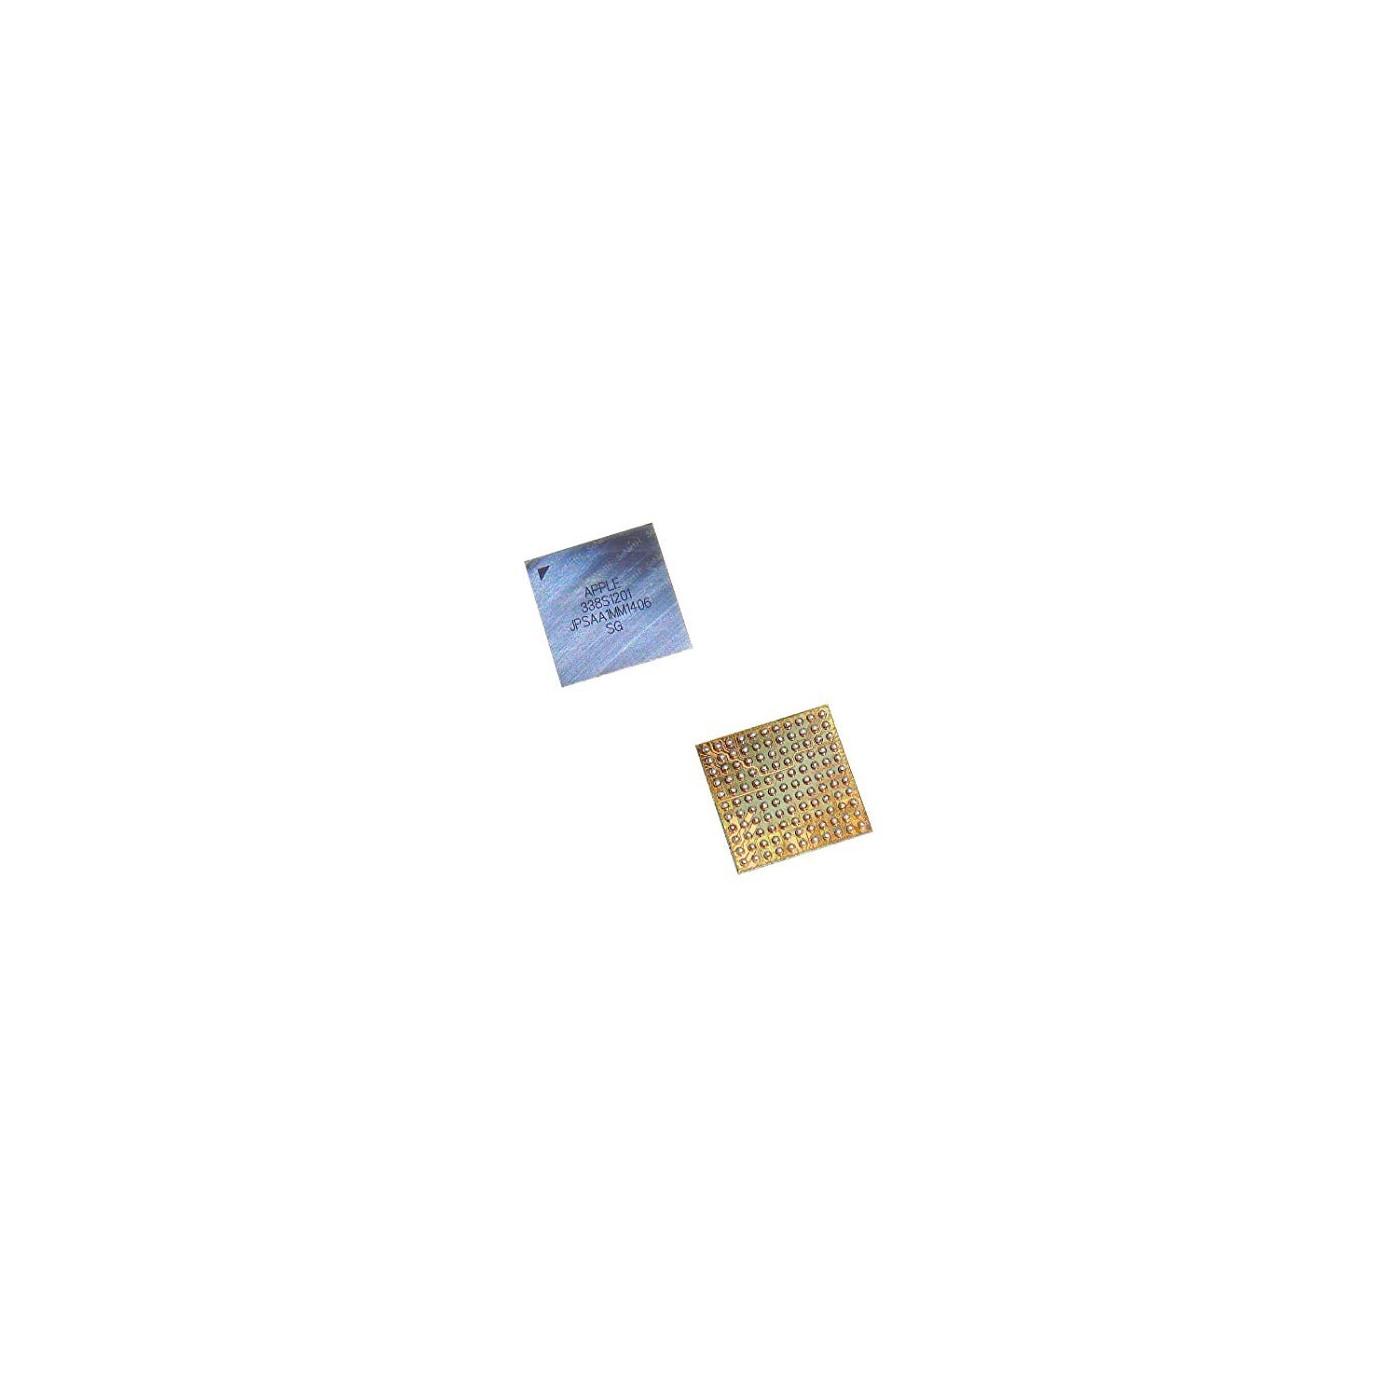 IC CHIP Main Audio 338S1201 per iPhone 6 6 Plus 5S